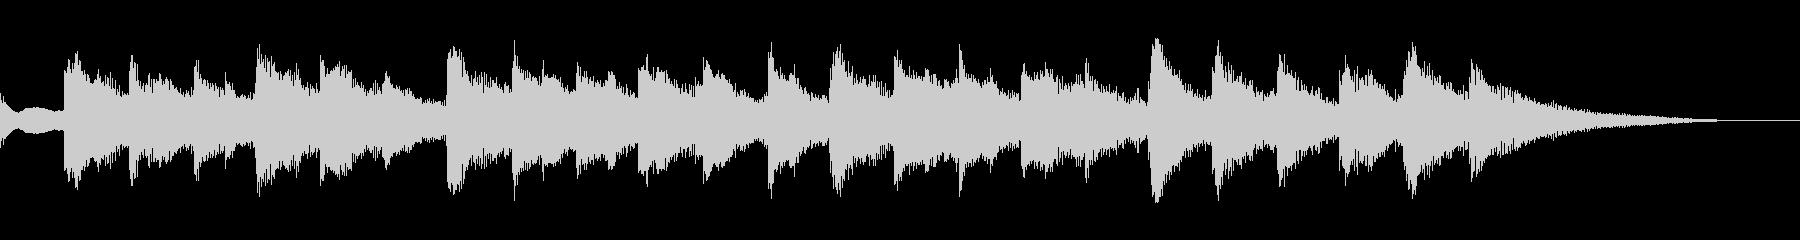 クリスマス曲(15秒)オルゴールの未再生の波形